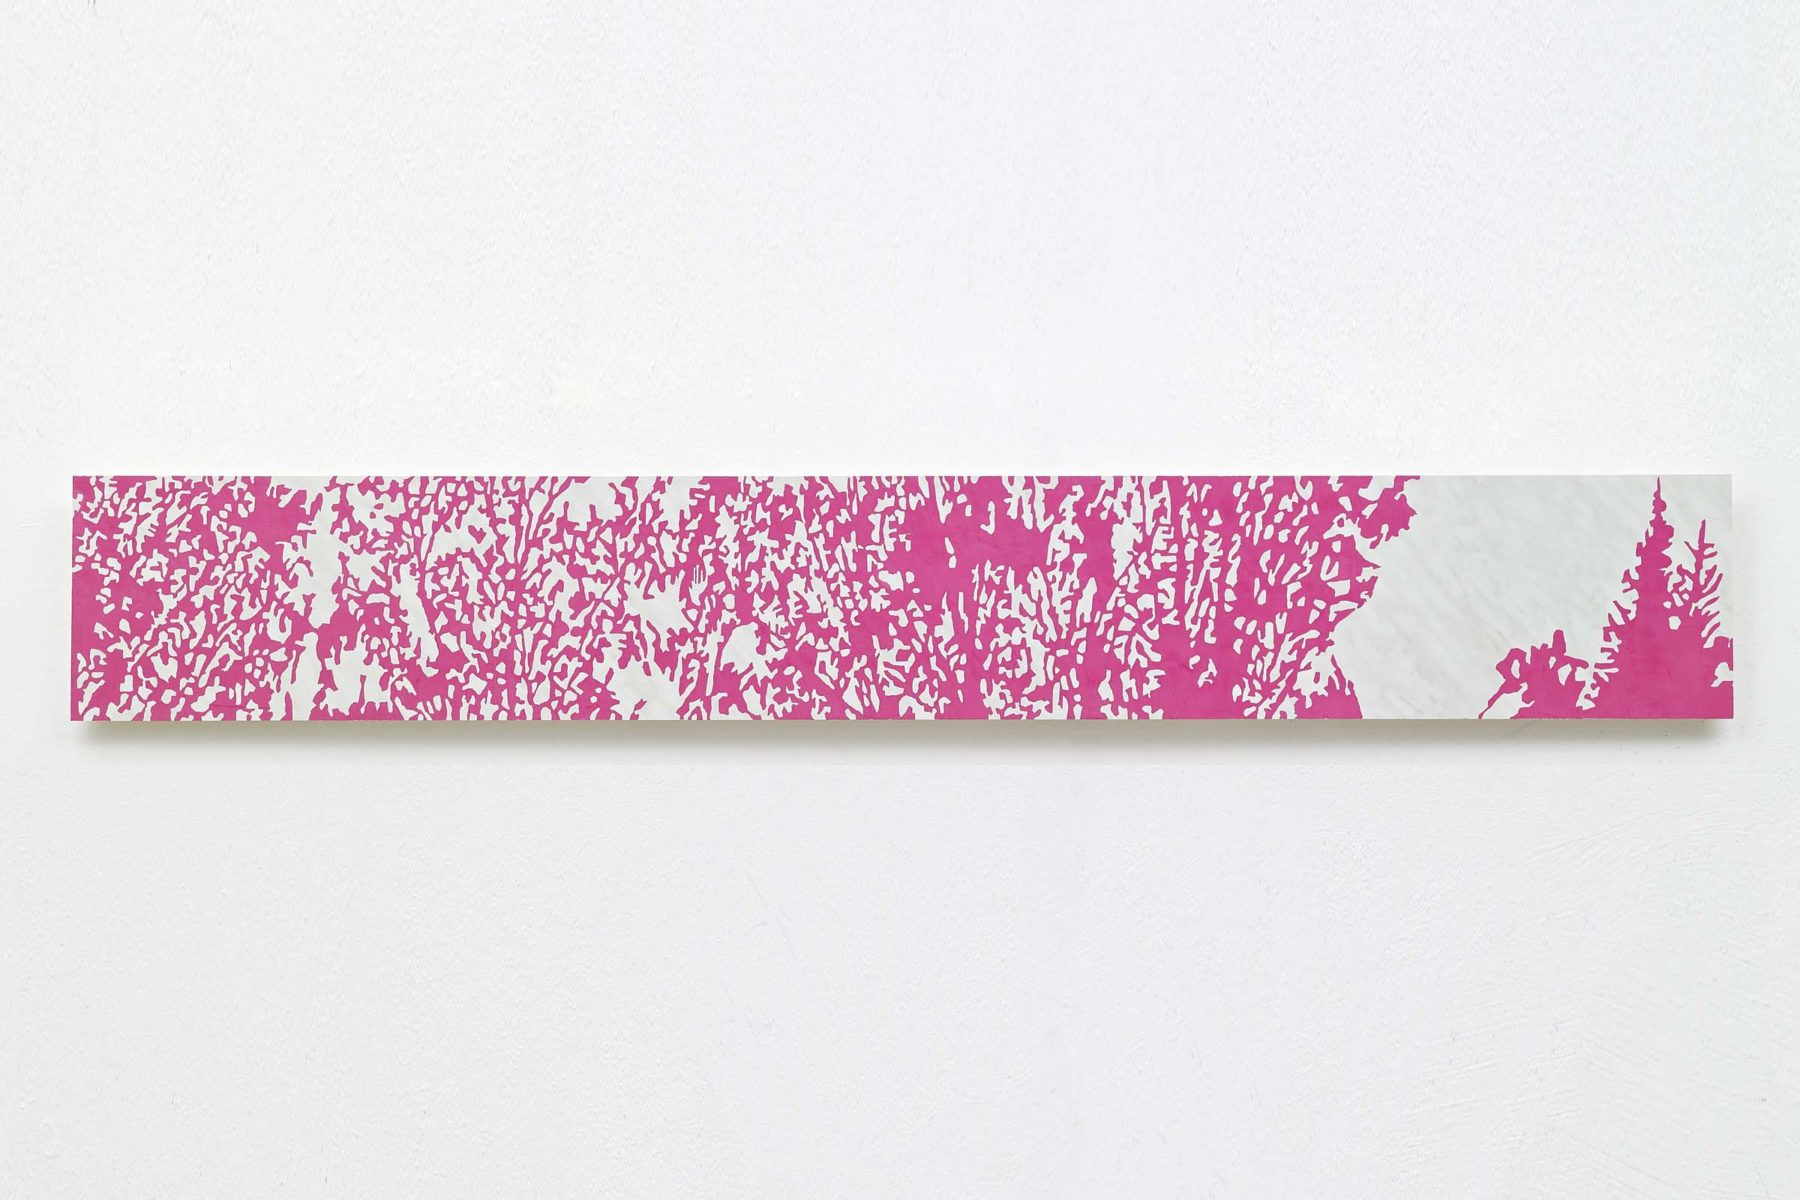 Valerio Bevilacqua, Il Fait froid le soir dans les bois, 2012, stucco veneziano su laminato plastico, 31 x 200 cm